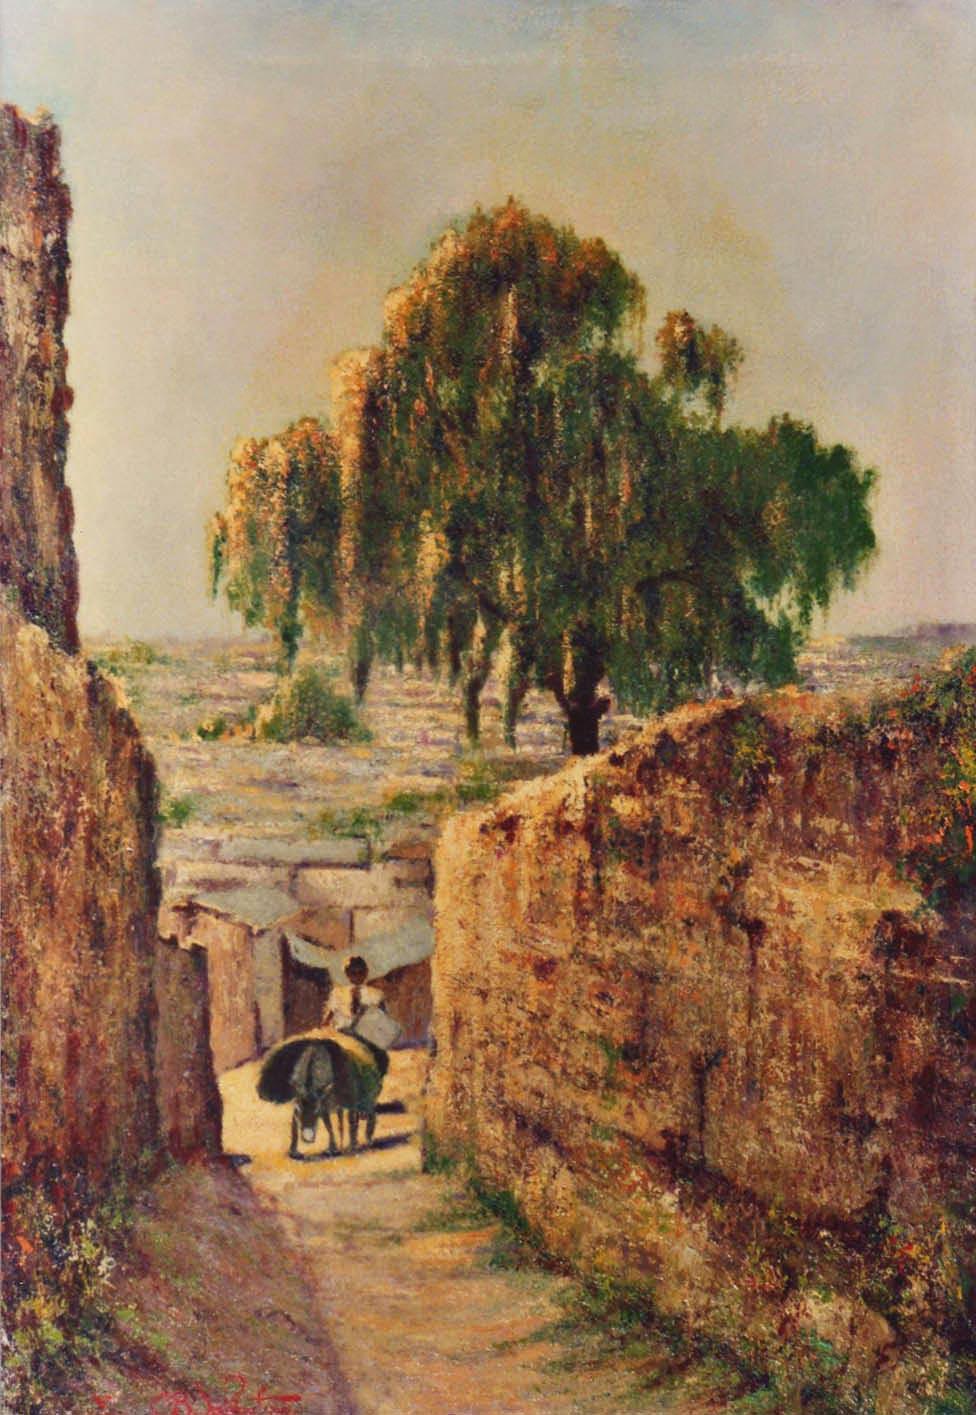 strada del villaggio quadri africani paesaggi olio su tela Sabbatino